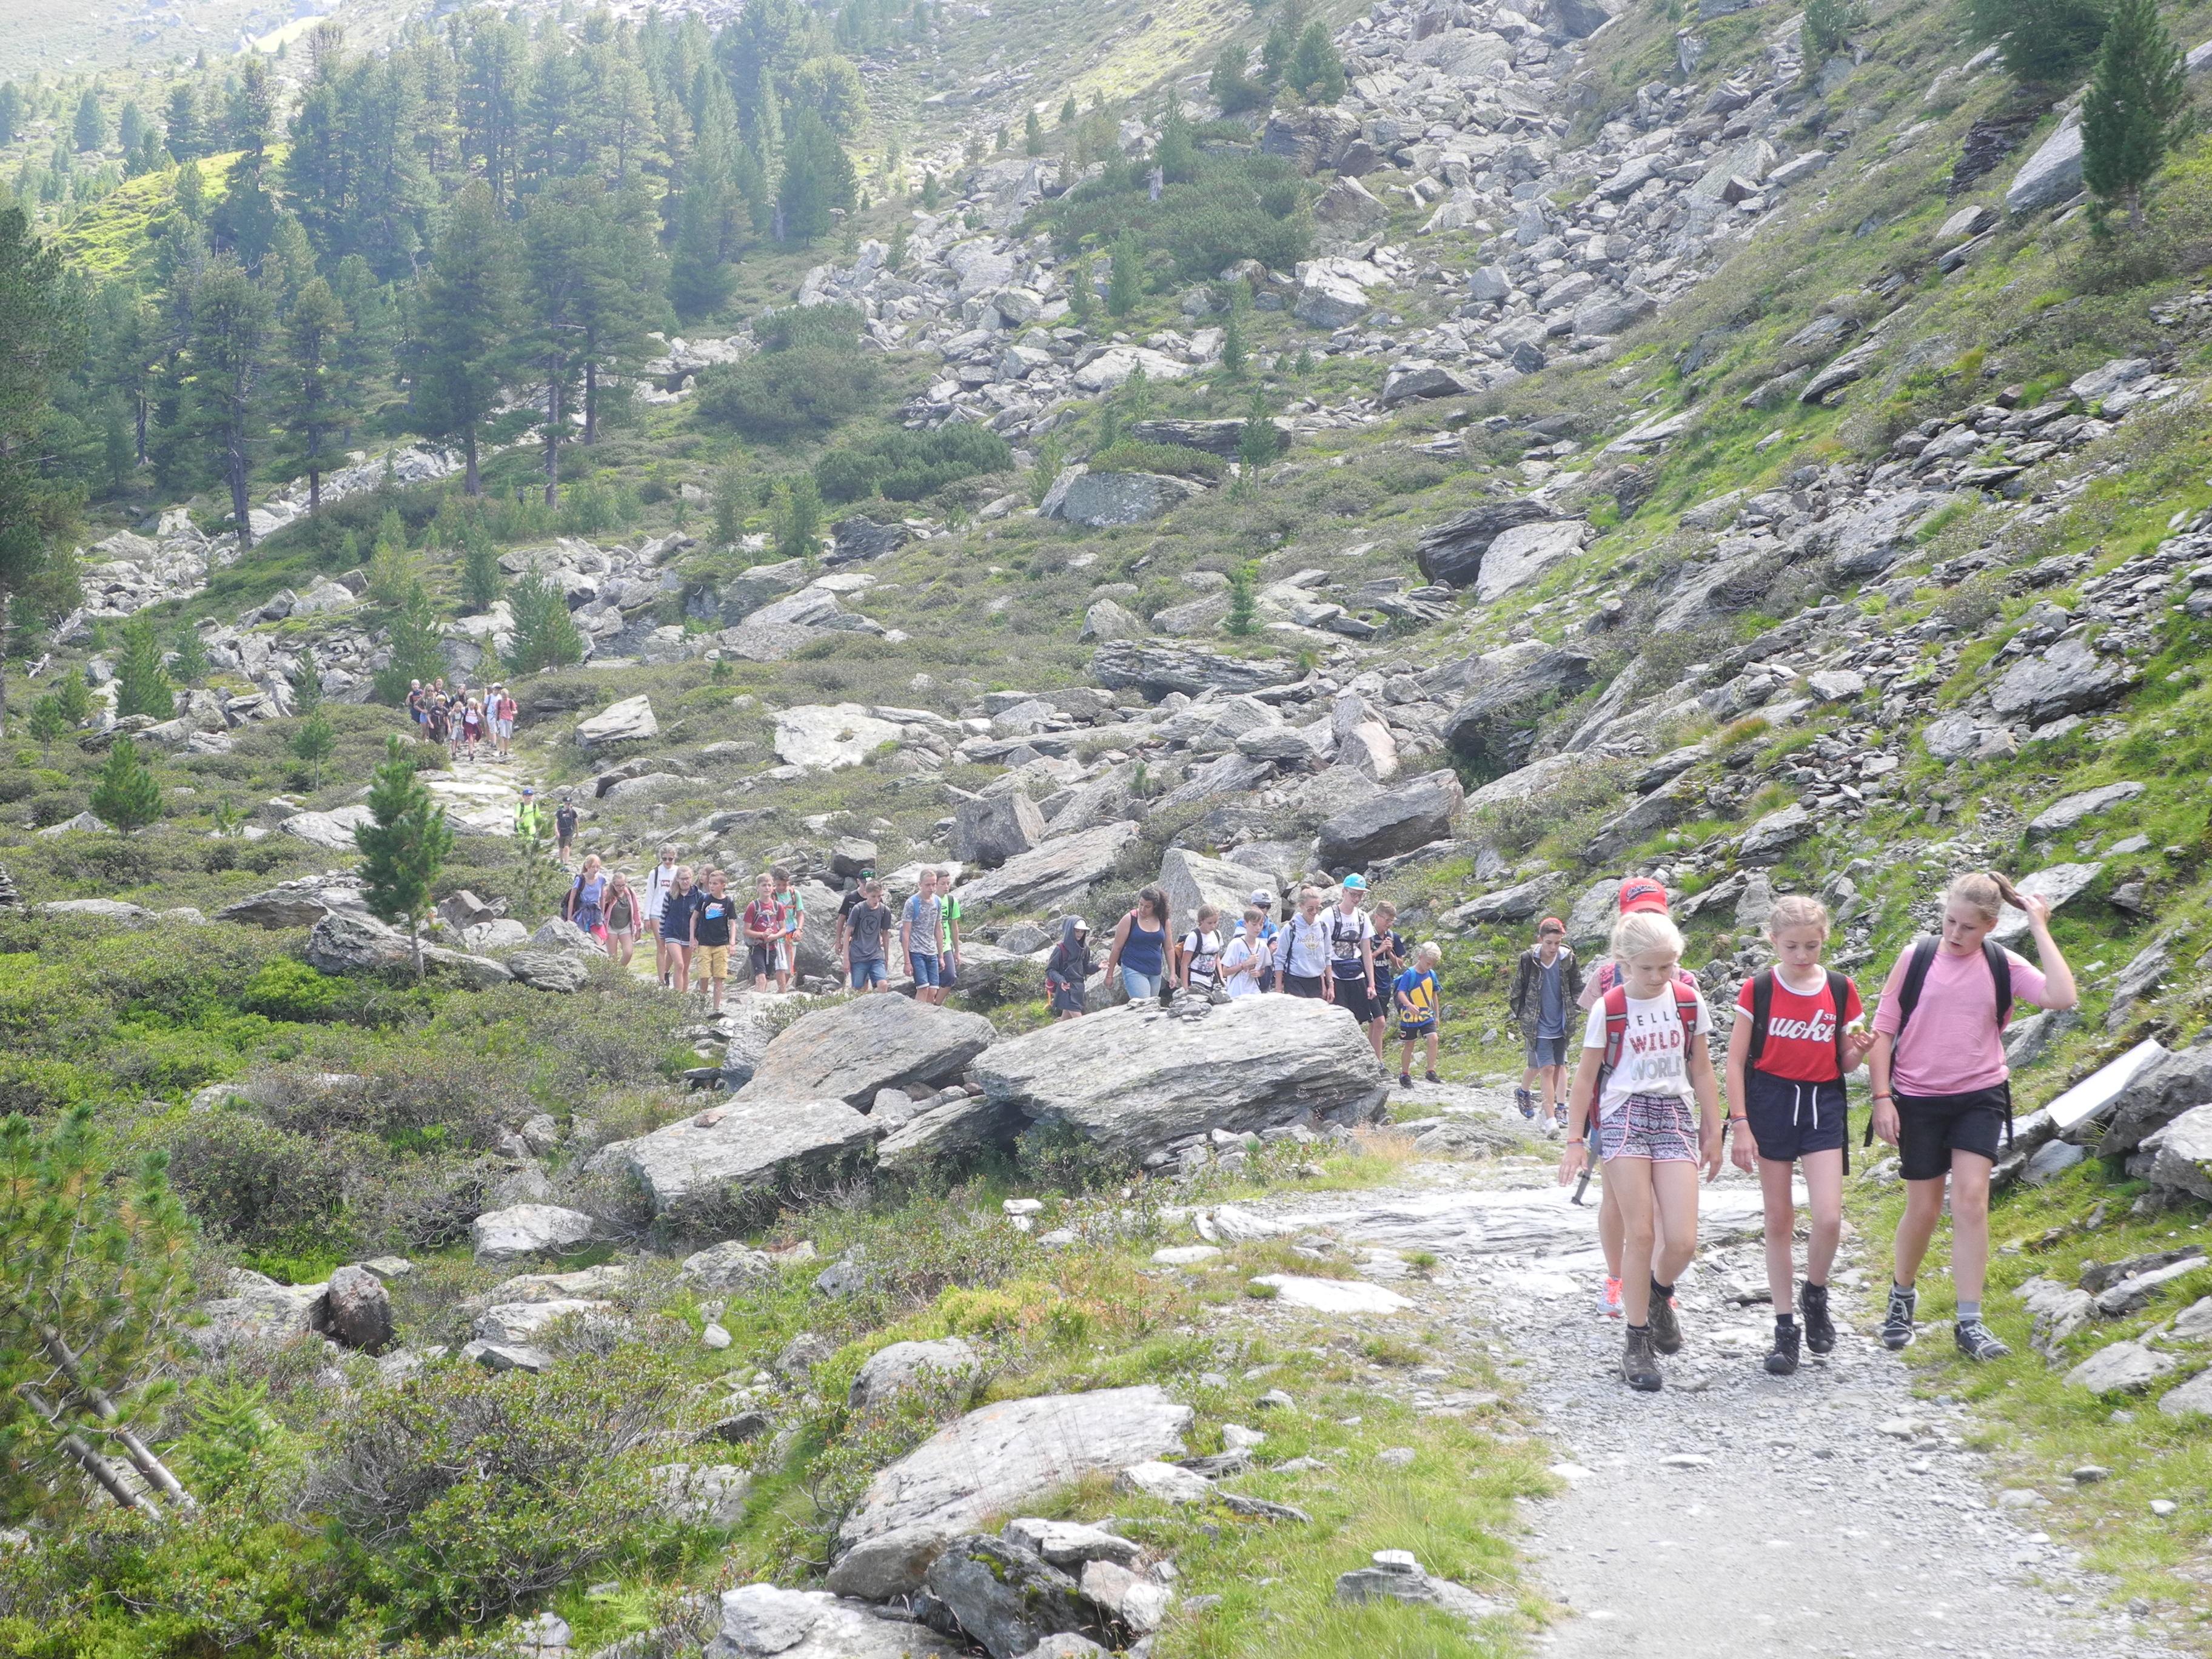 Kinder auf Wanderung in Österreich